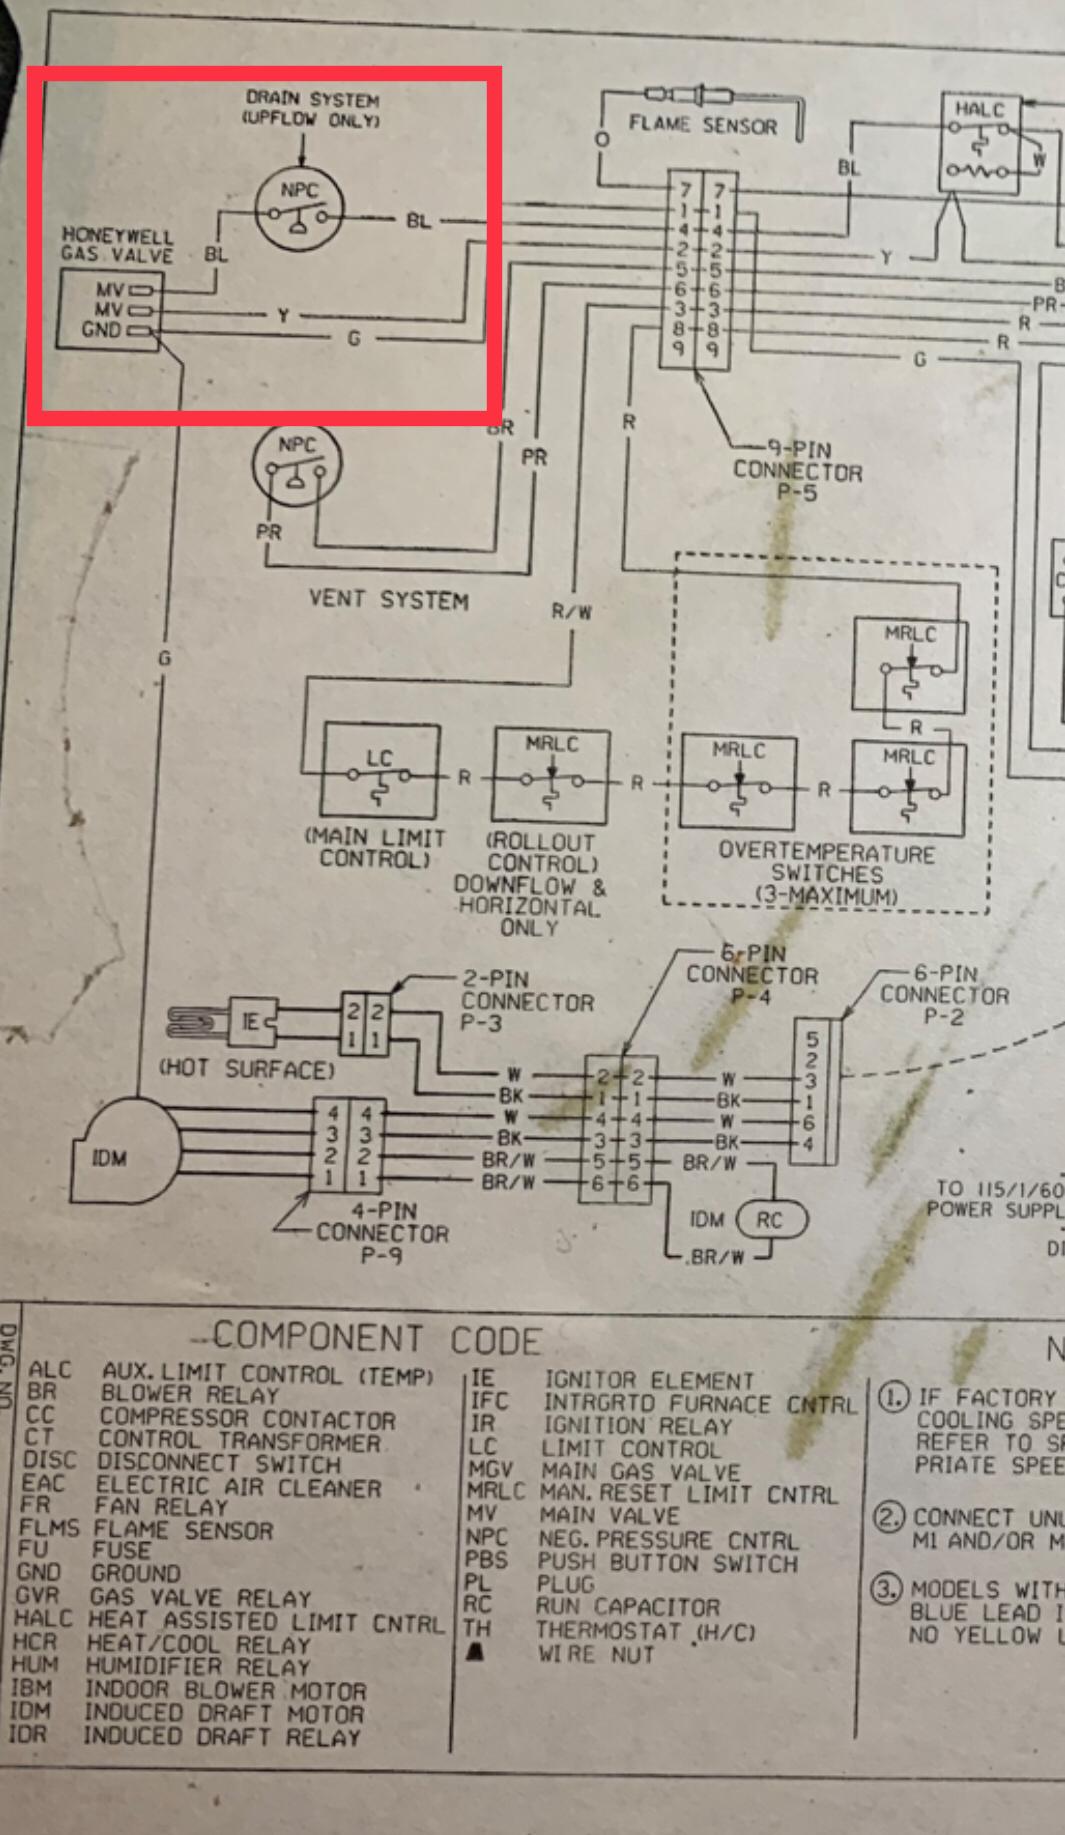 Rheem Gas Furnace Board Question-904a10fb-dc37-4ef1-80c9-0cd3570b2549.jpeg